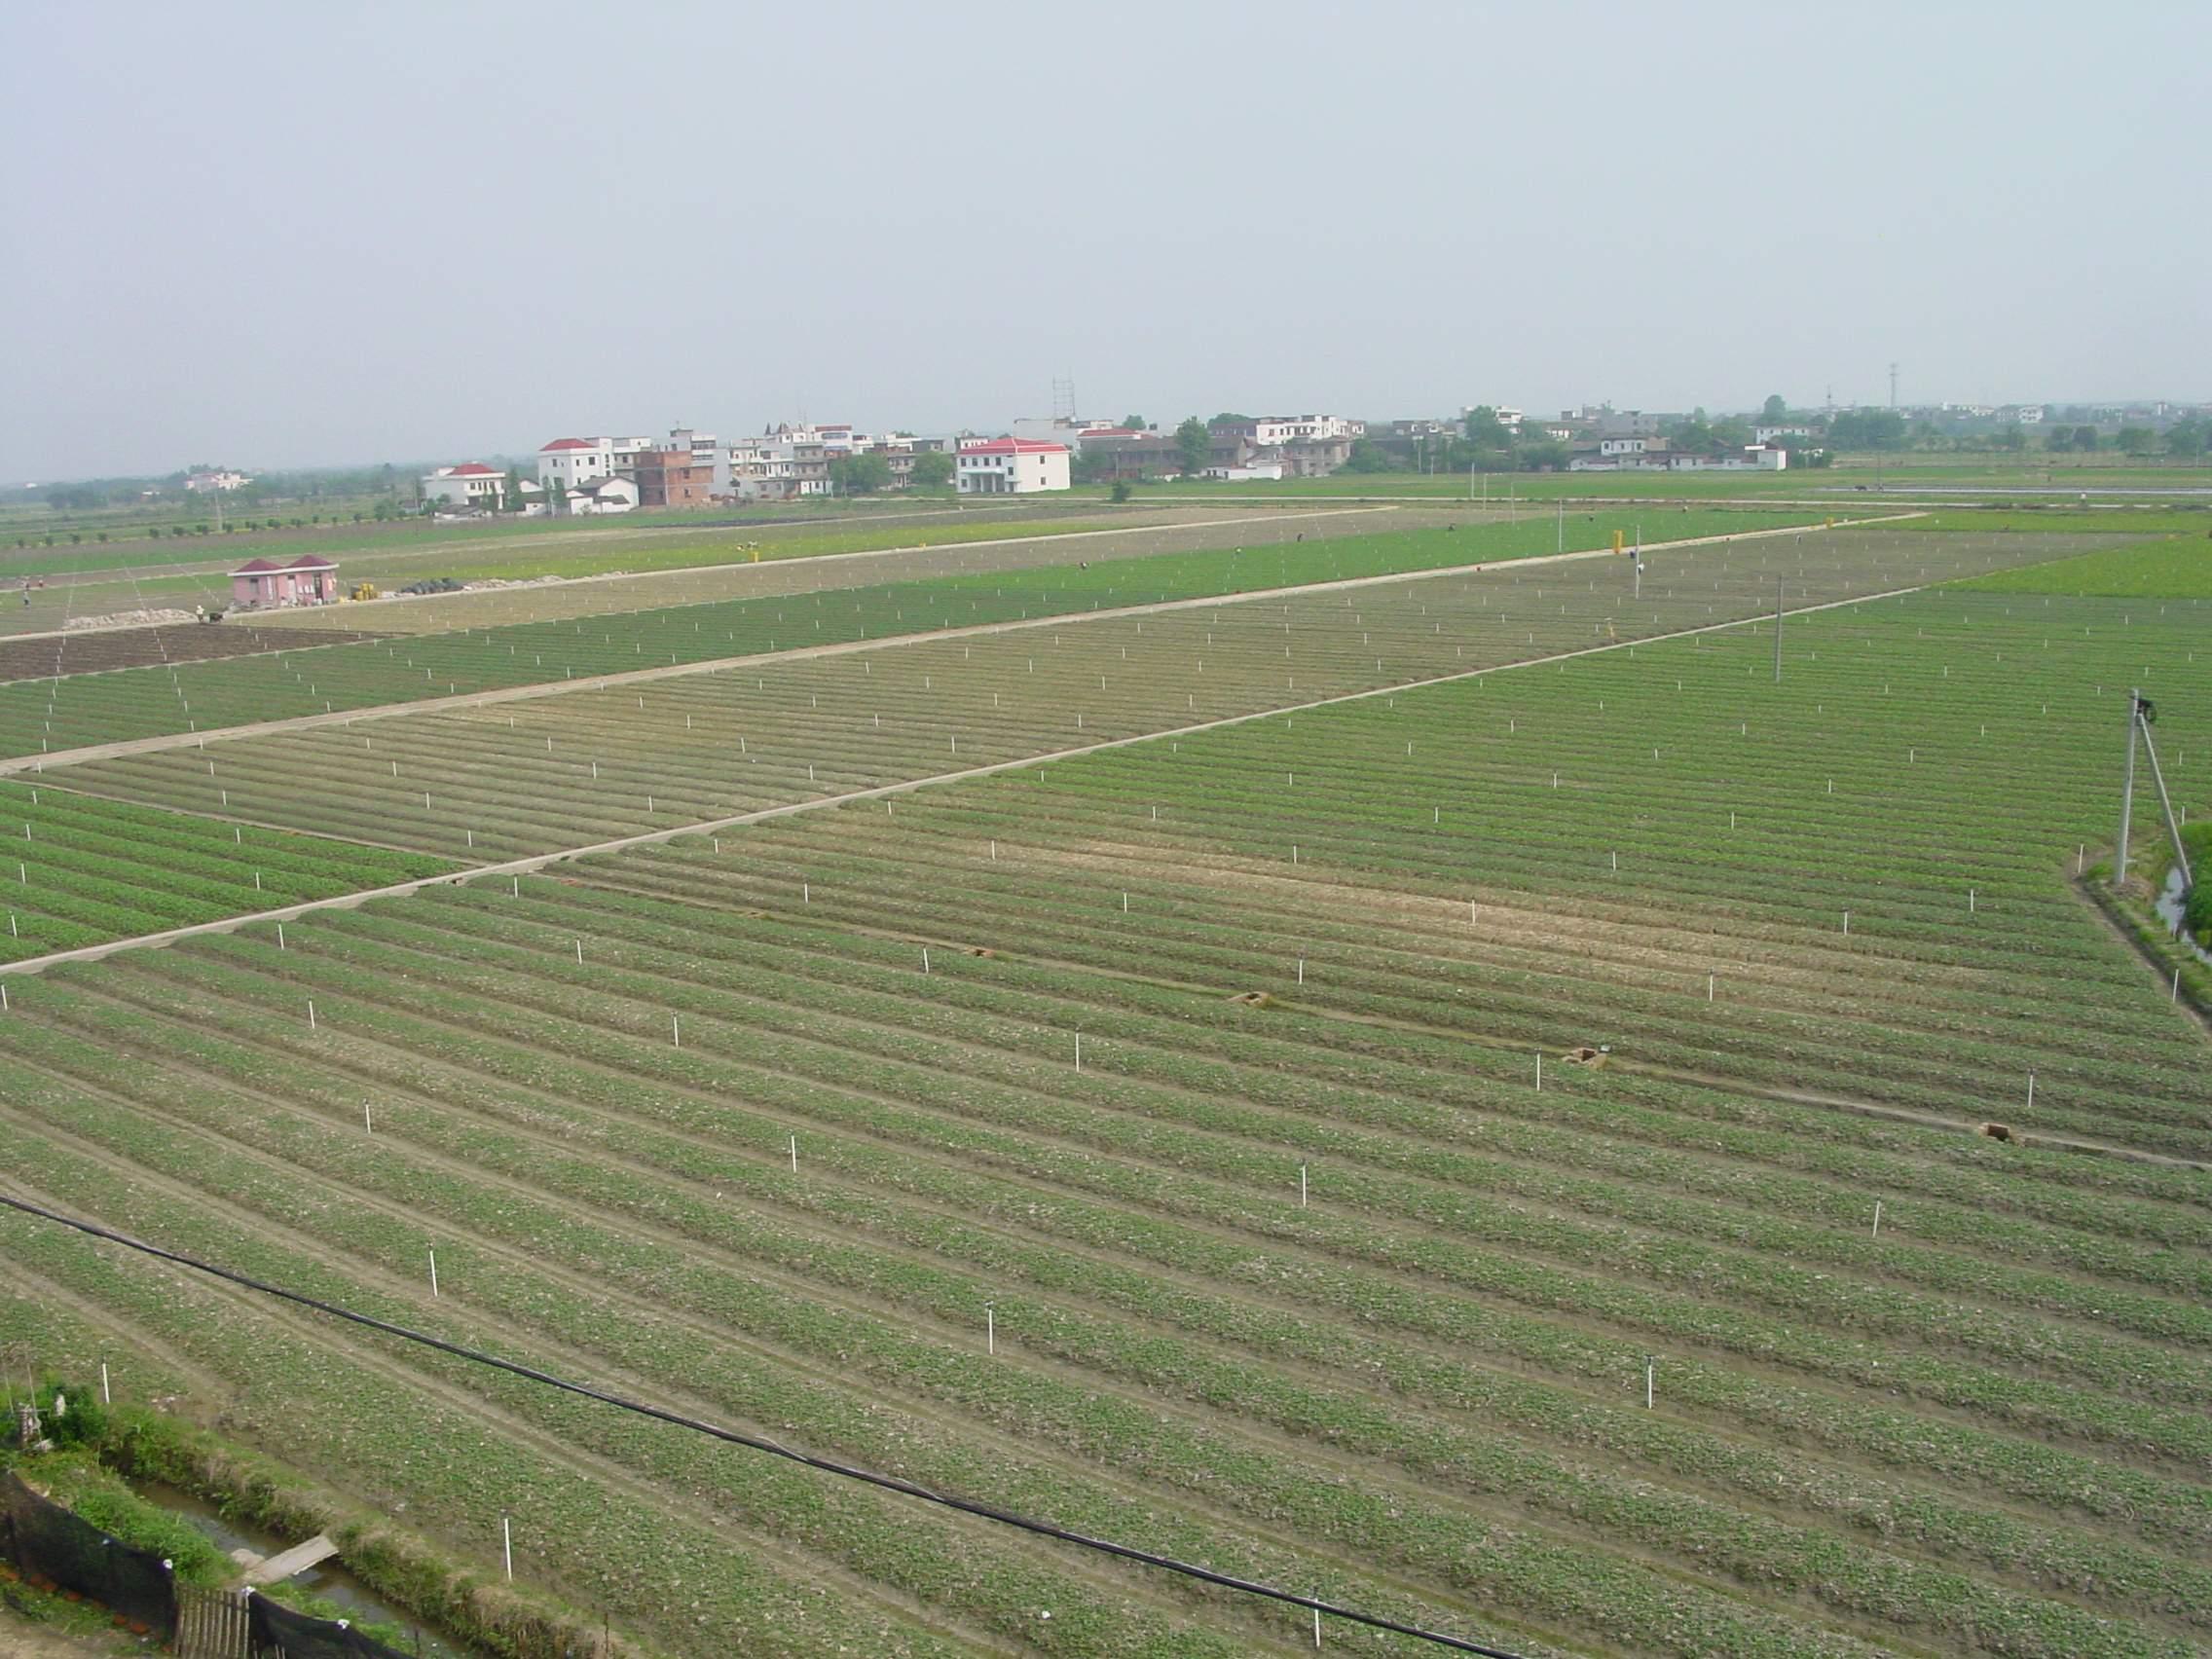 星子县2014年度农业综合土地开发治理项目1标段工程